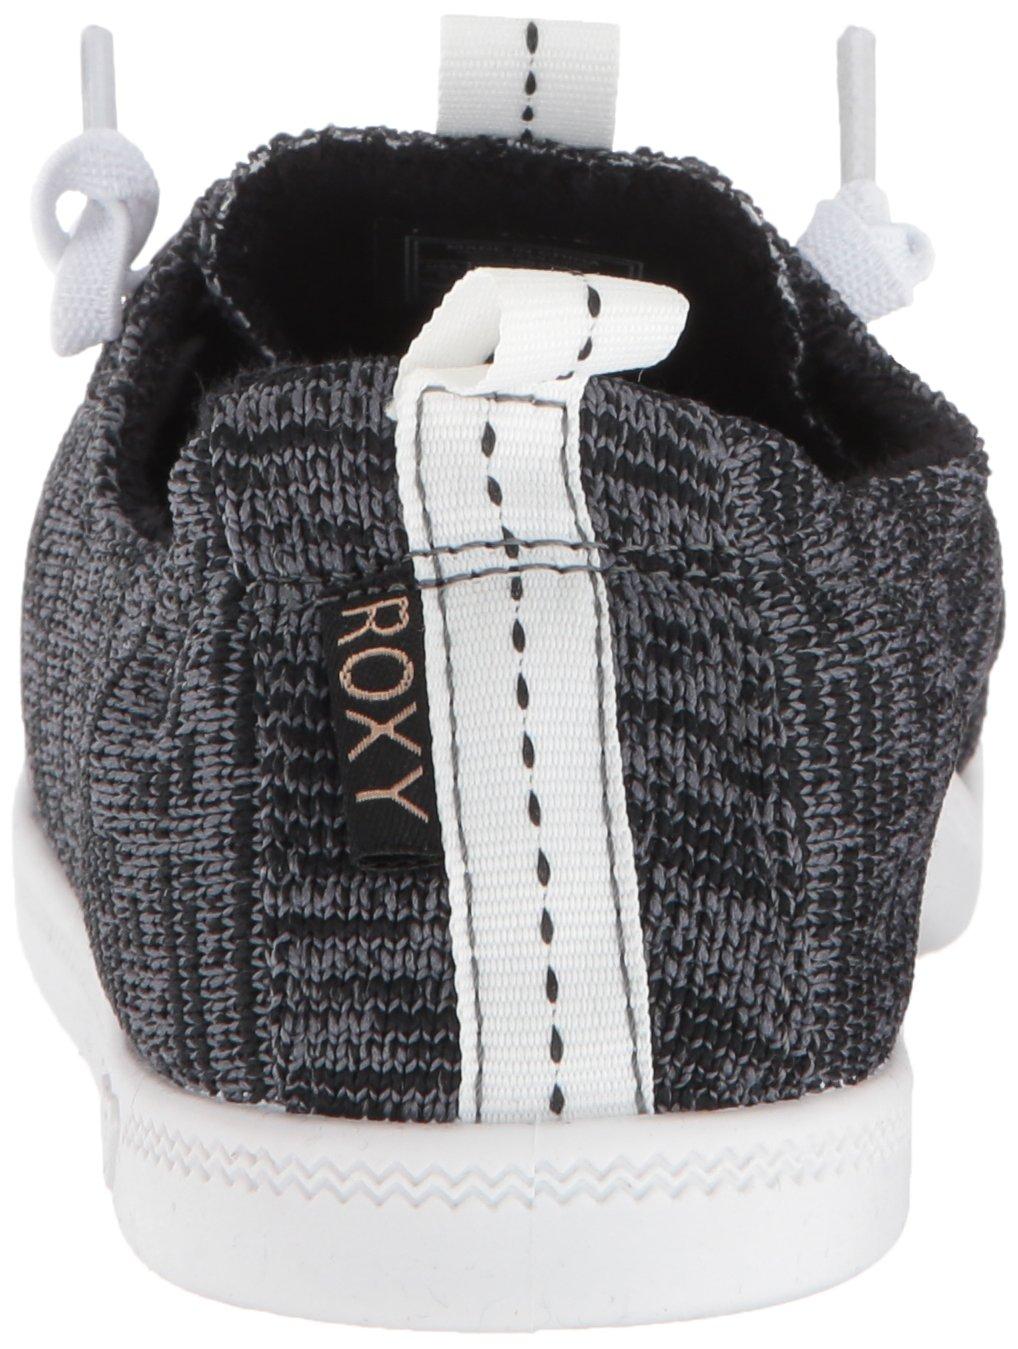 Roxy Women's Bayshore Sport Slip on Shoe Fashion Sneaker, Black, 8.5 M US by Roxy (Image #2)